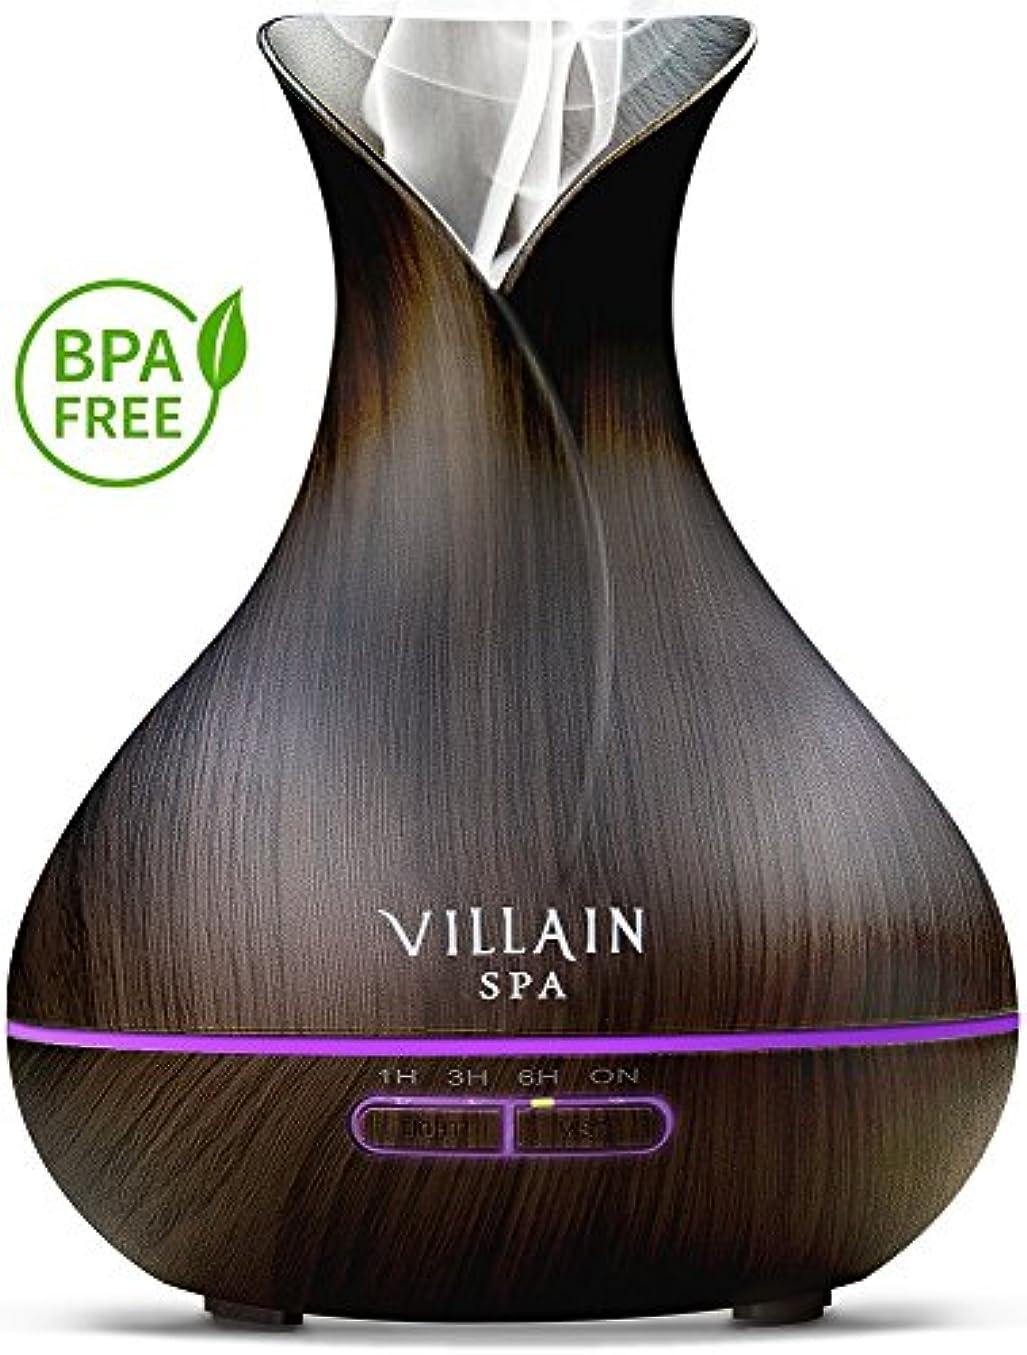 道路フレット居住者Villain Spa超音波アロマエッセンシャルオイルディフューザー、400 ml木目クールミスト加湿器with 7 LEDライトの色変更、ミストコントロール、自動オフ、8 - 12 HR。ミスト